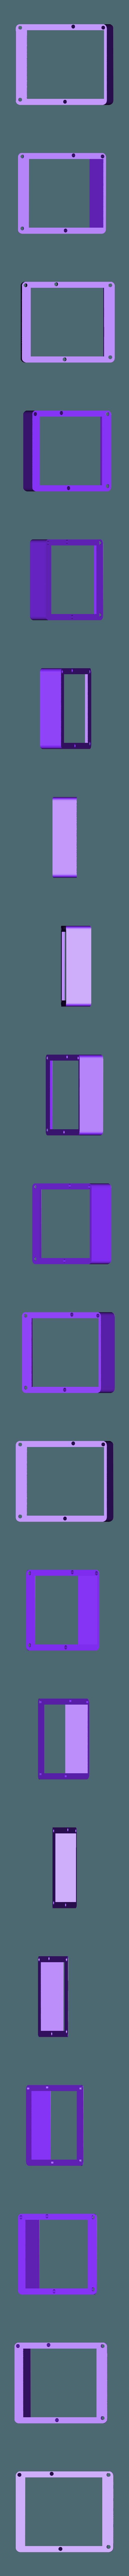 tent-left.stl Télécharger fichier SCAD gratuit Tente Ergodoxe Etendue • Design à imprimer en 3D, rsheldiii